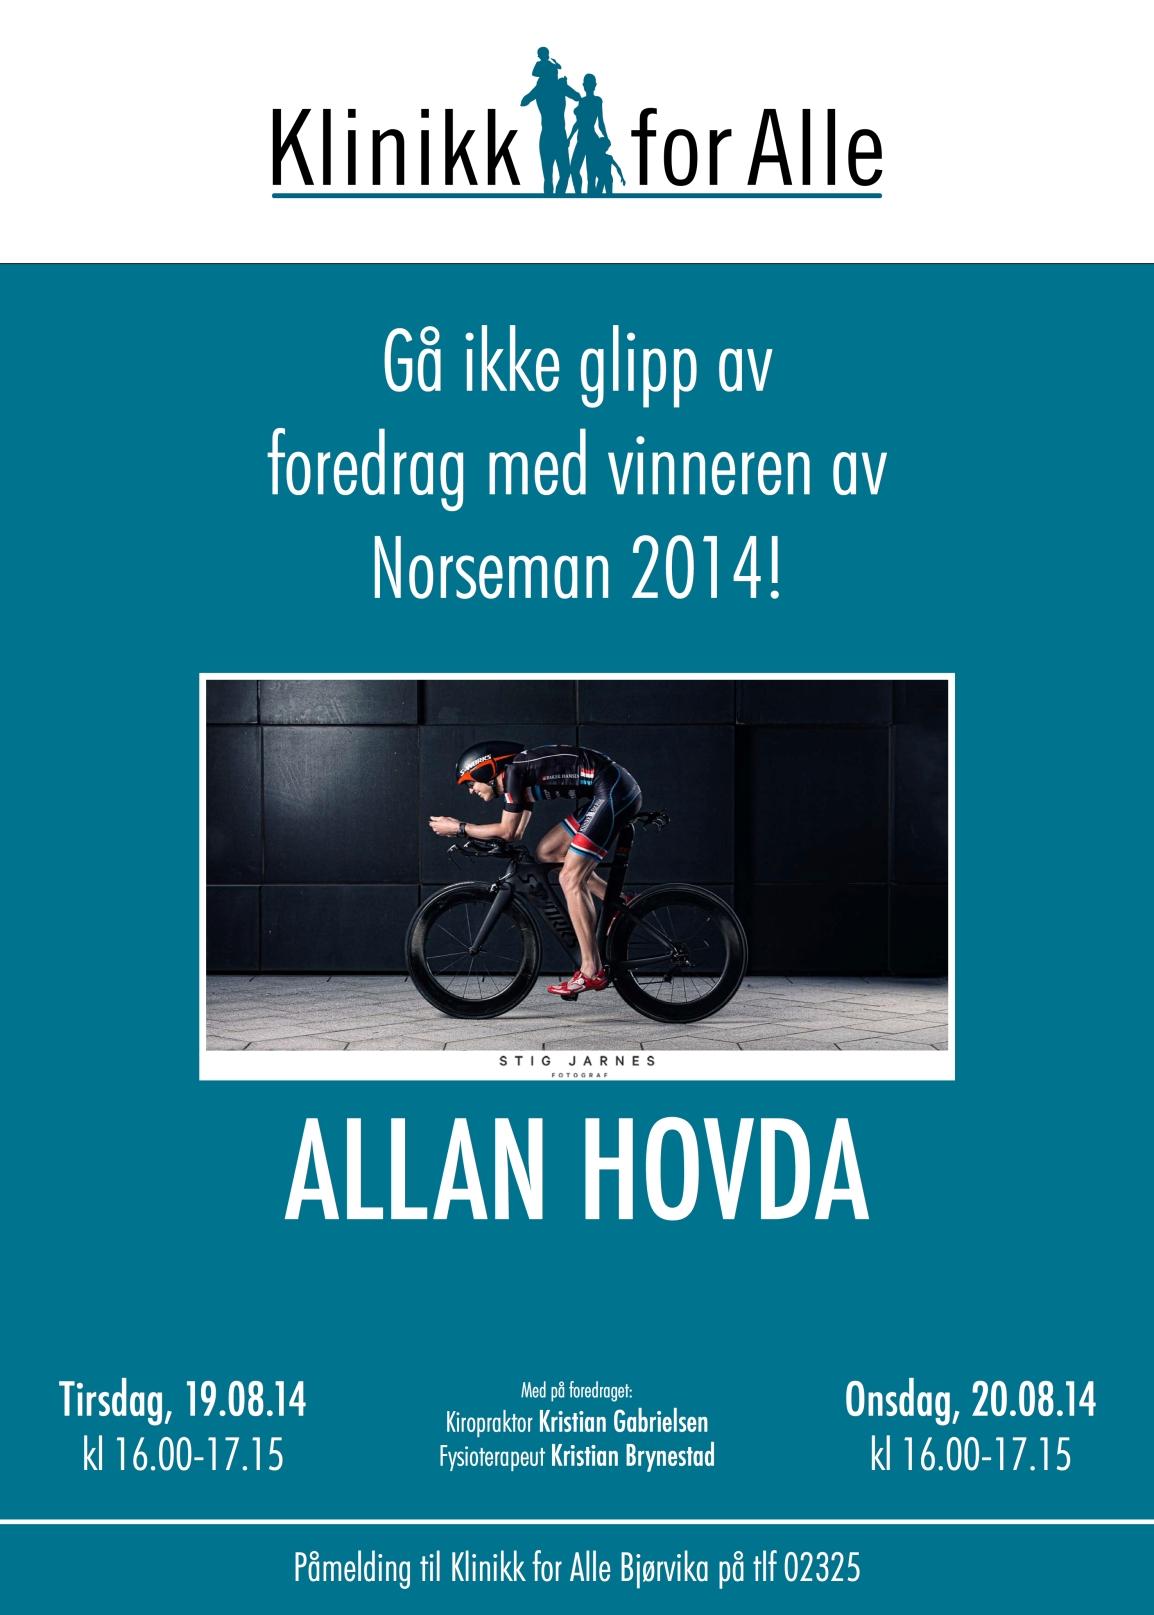 Klinikk for alle - Foredrag - Allan Hovda - Norseman 2014